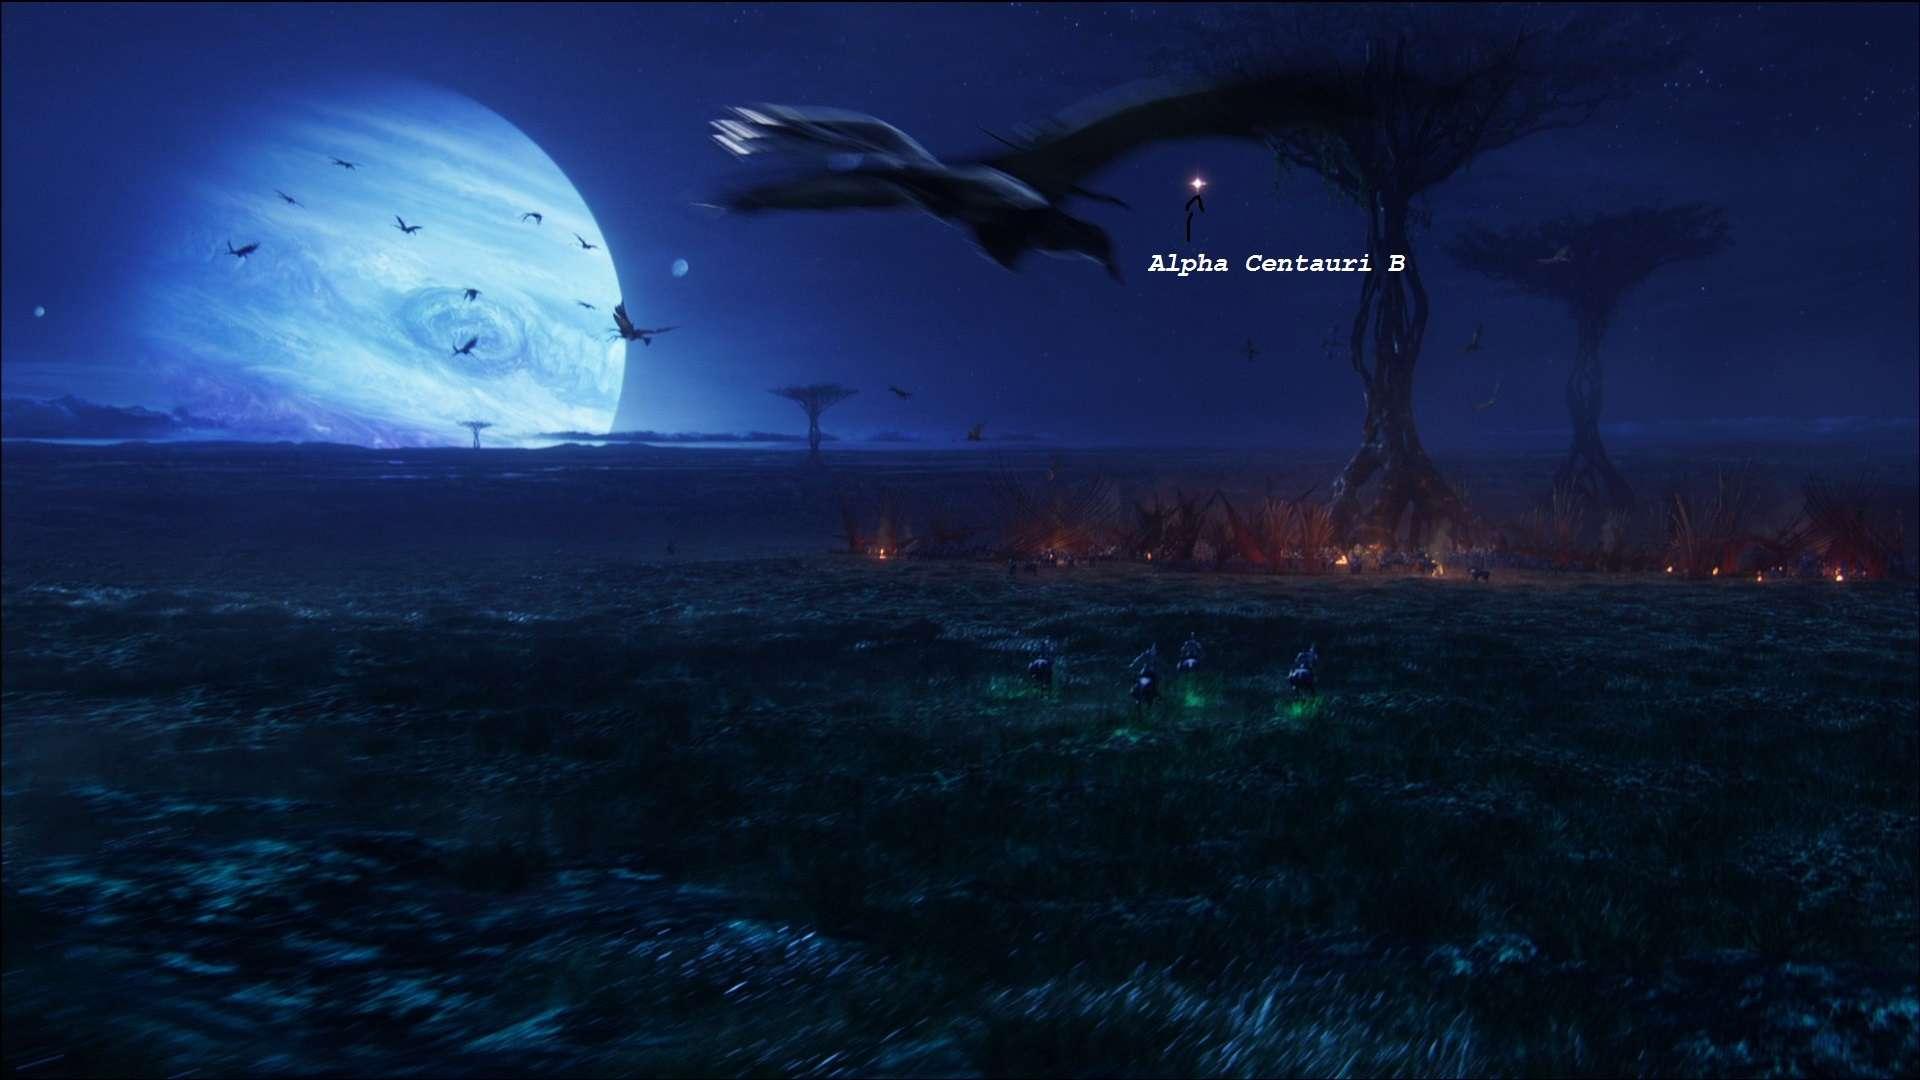 alpha centauri and earth - photo #33